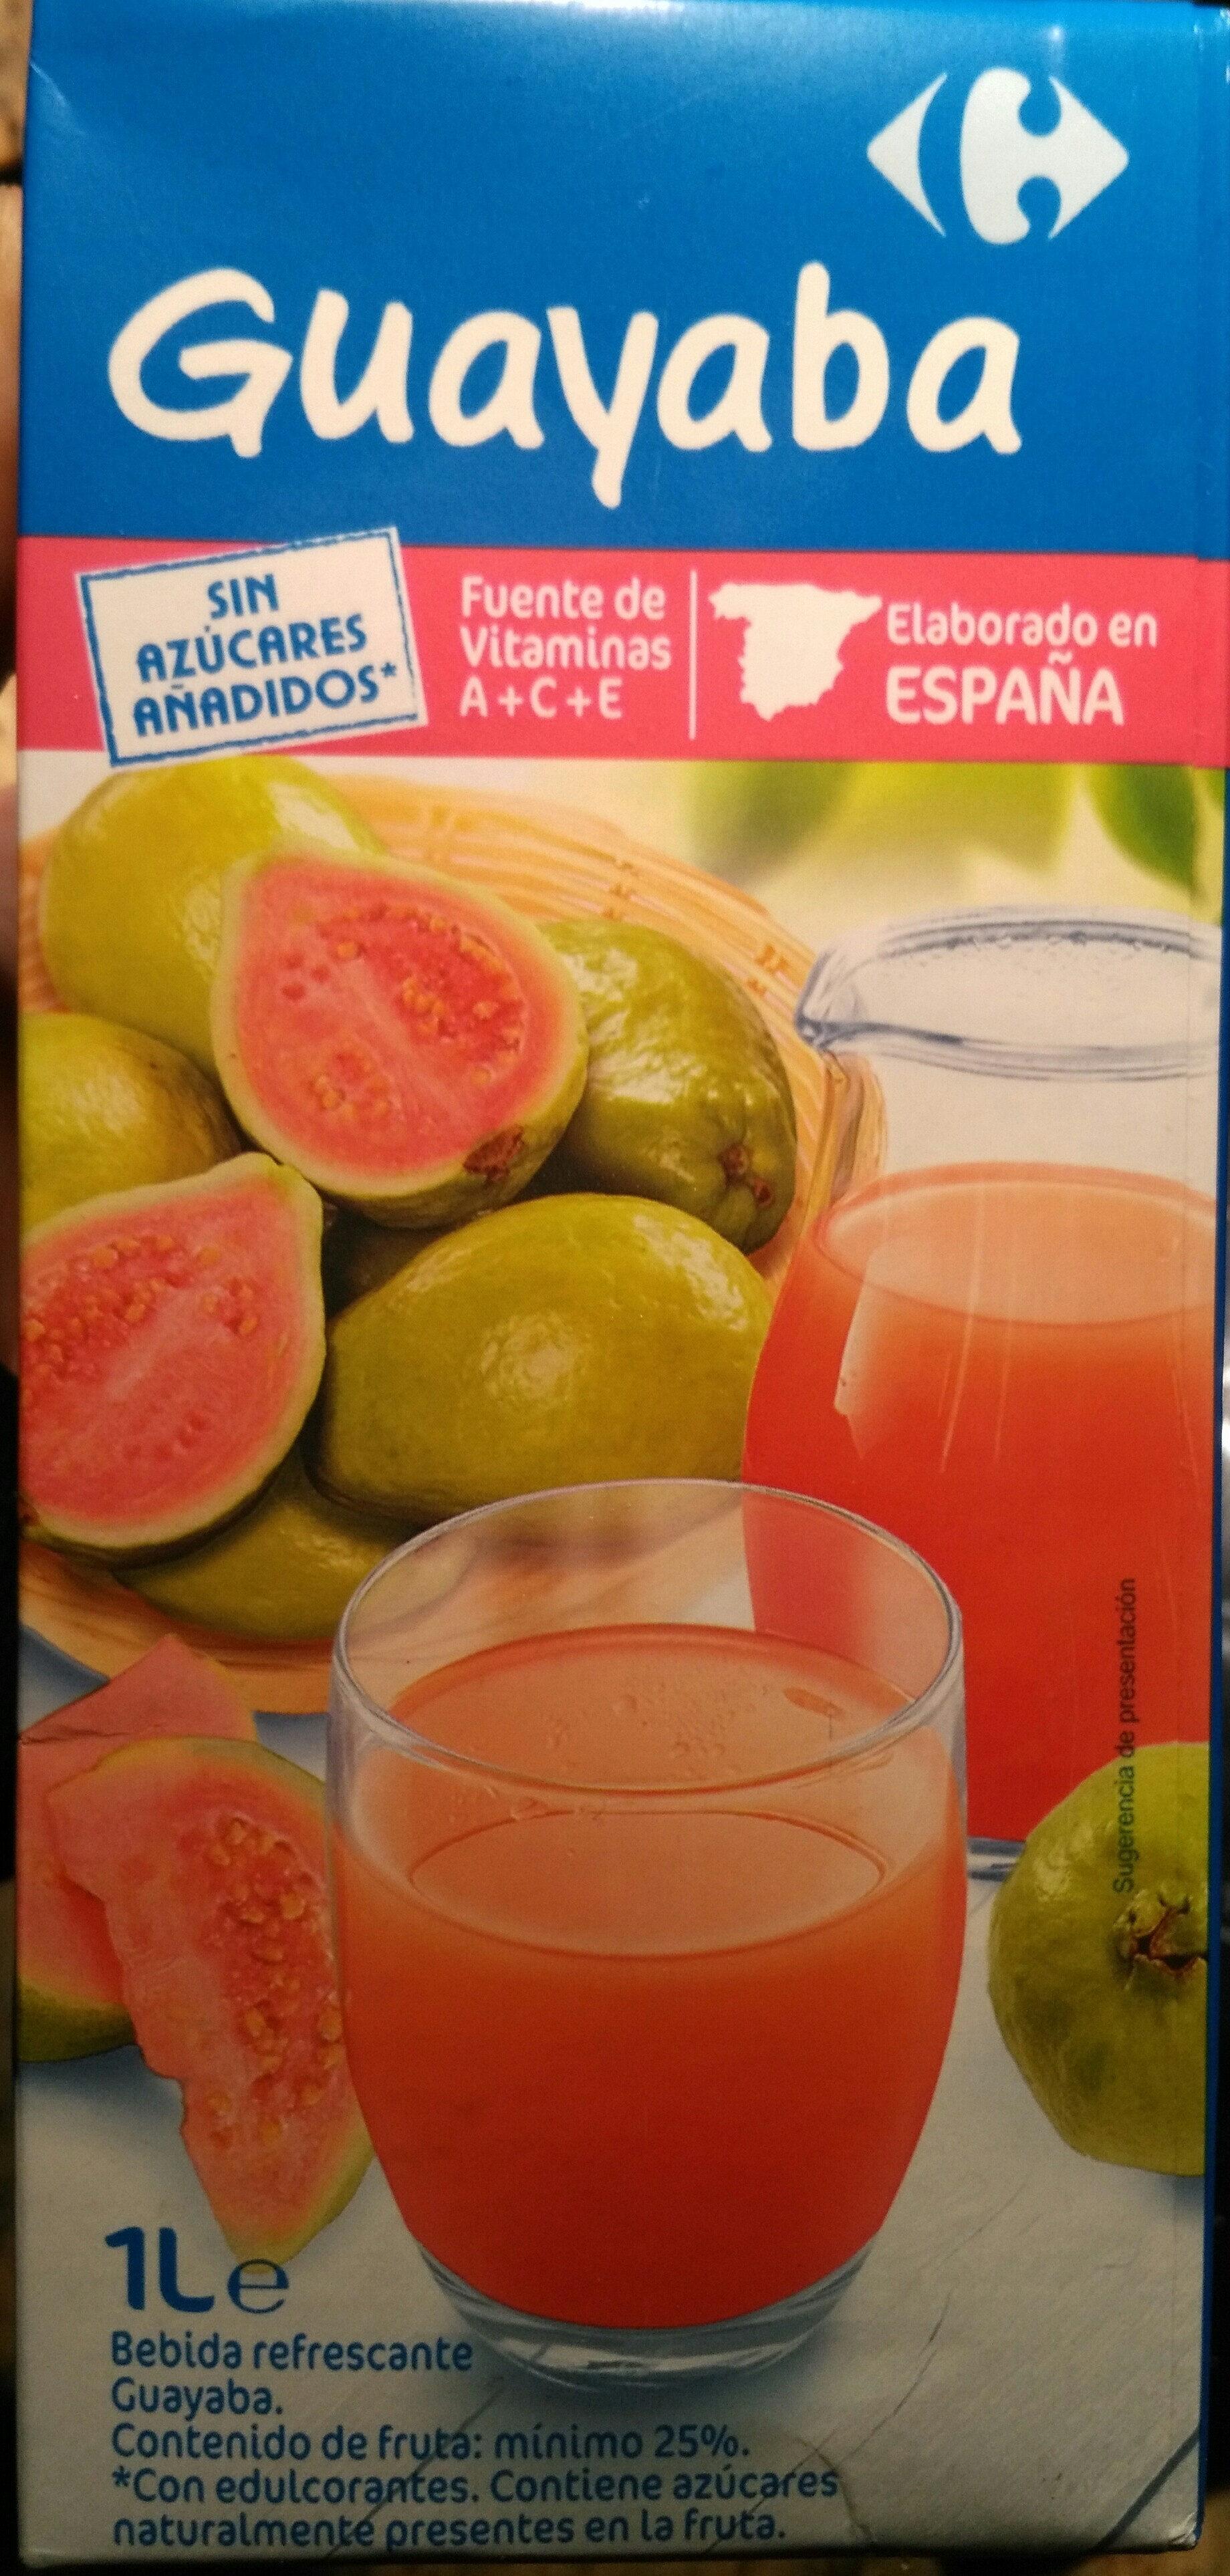 Bebida refrescante de puré de guayaba - Producto